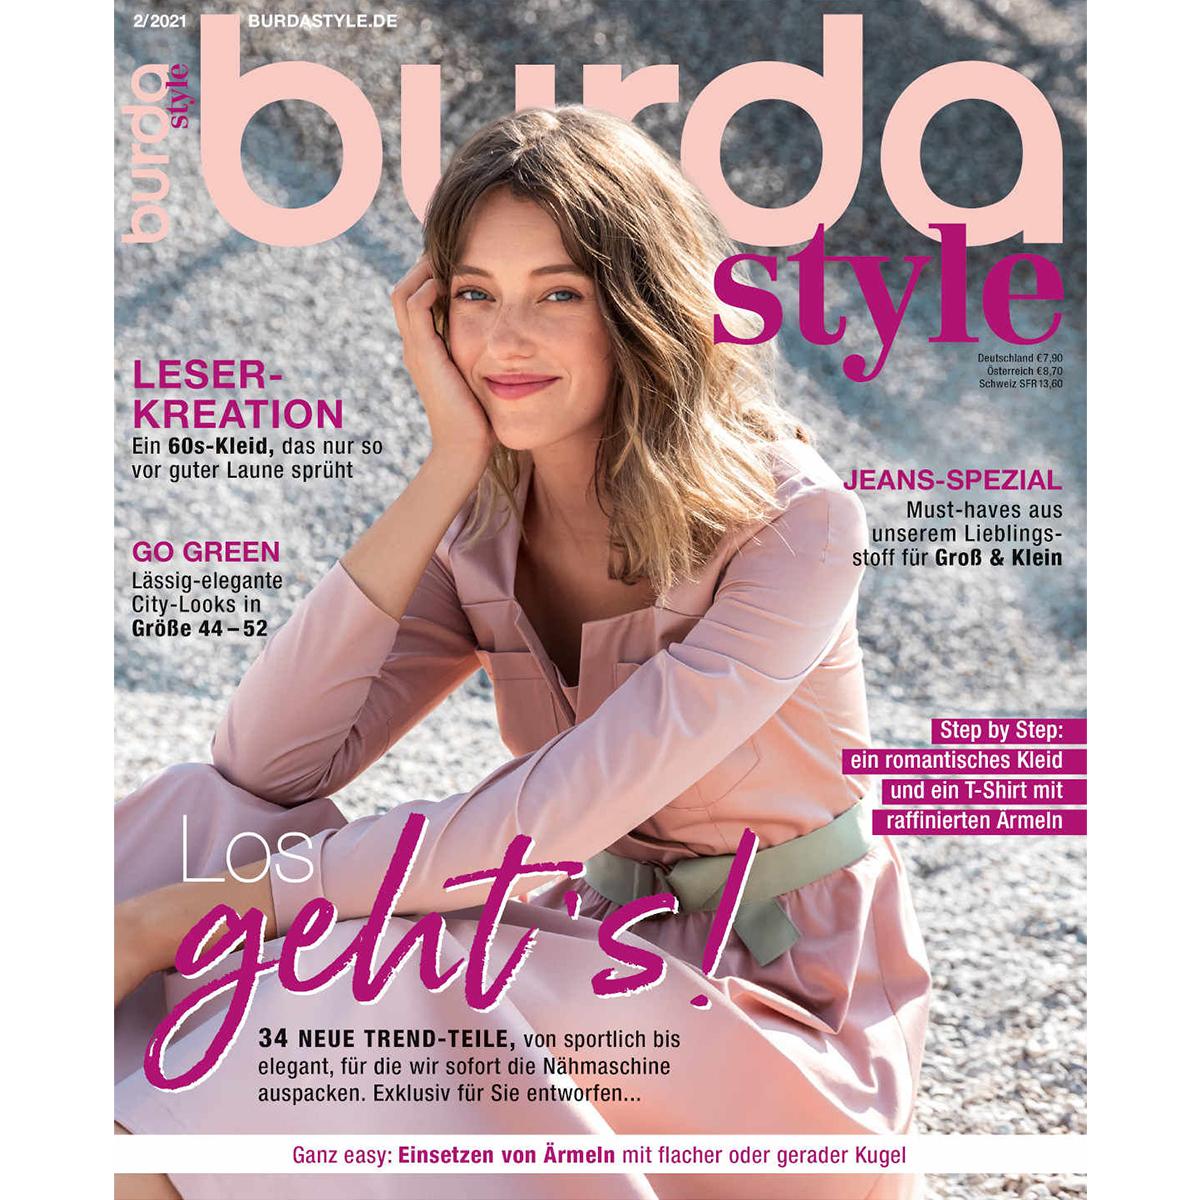 burda style Ausgabe Februar 2021